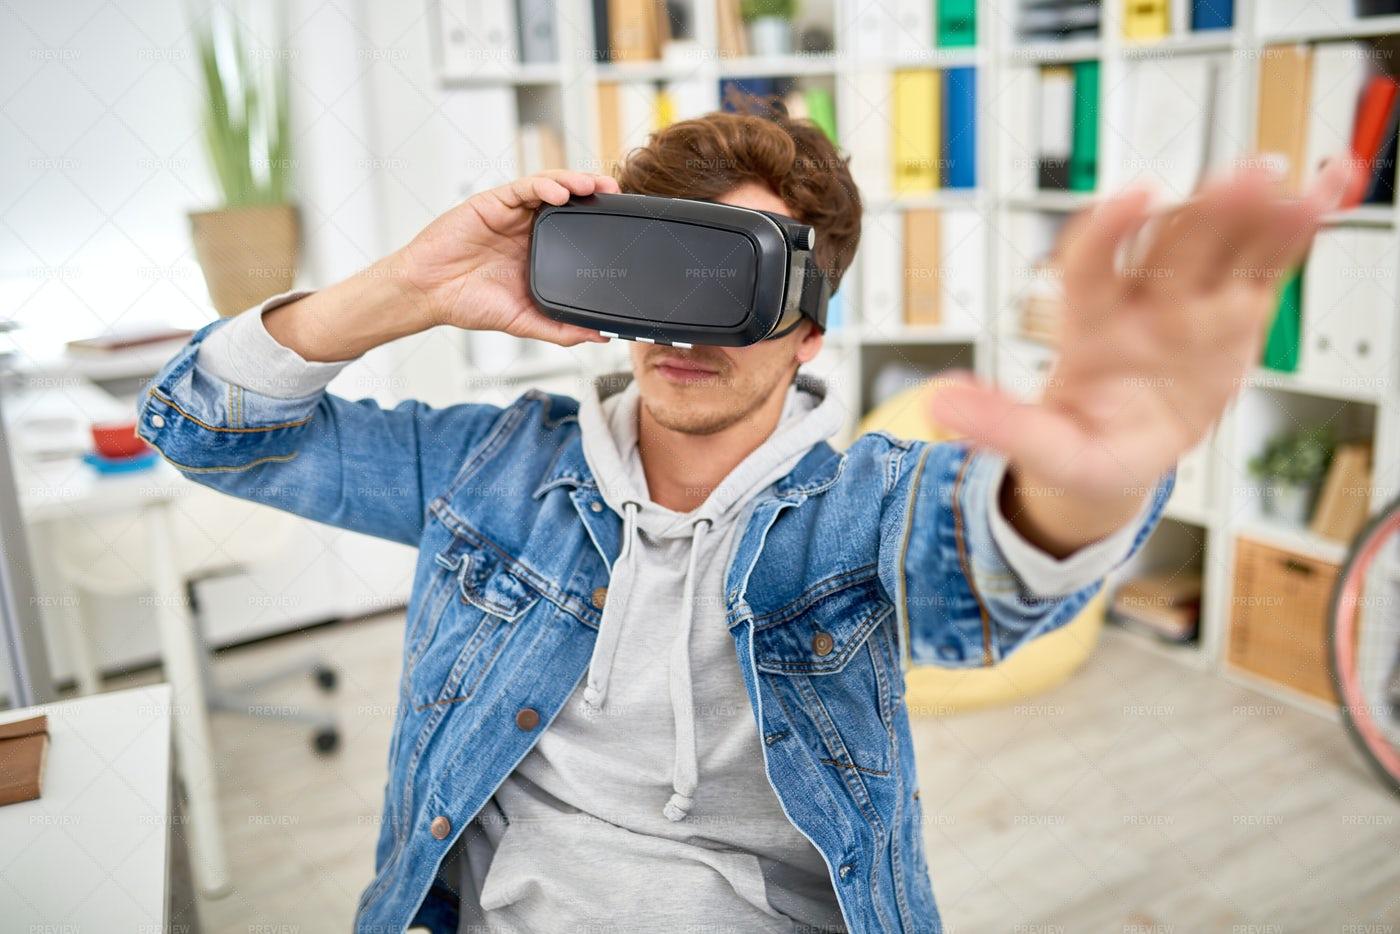 VR Game: Stock Photos